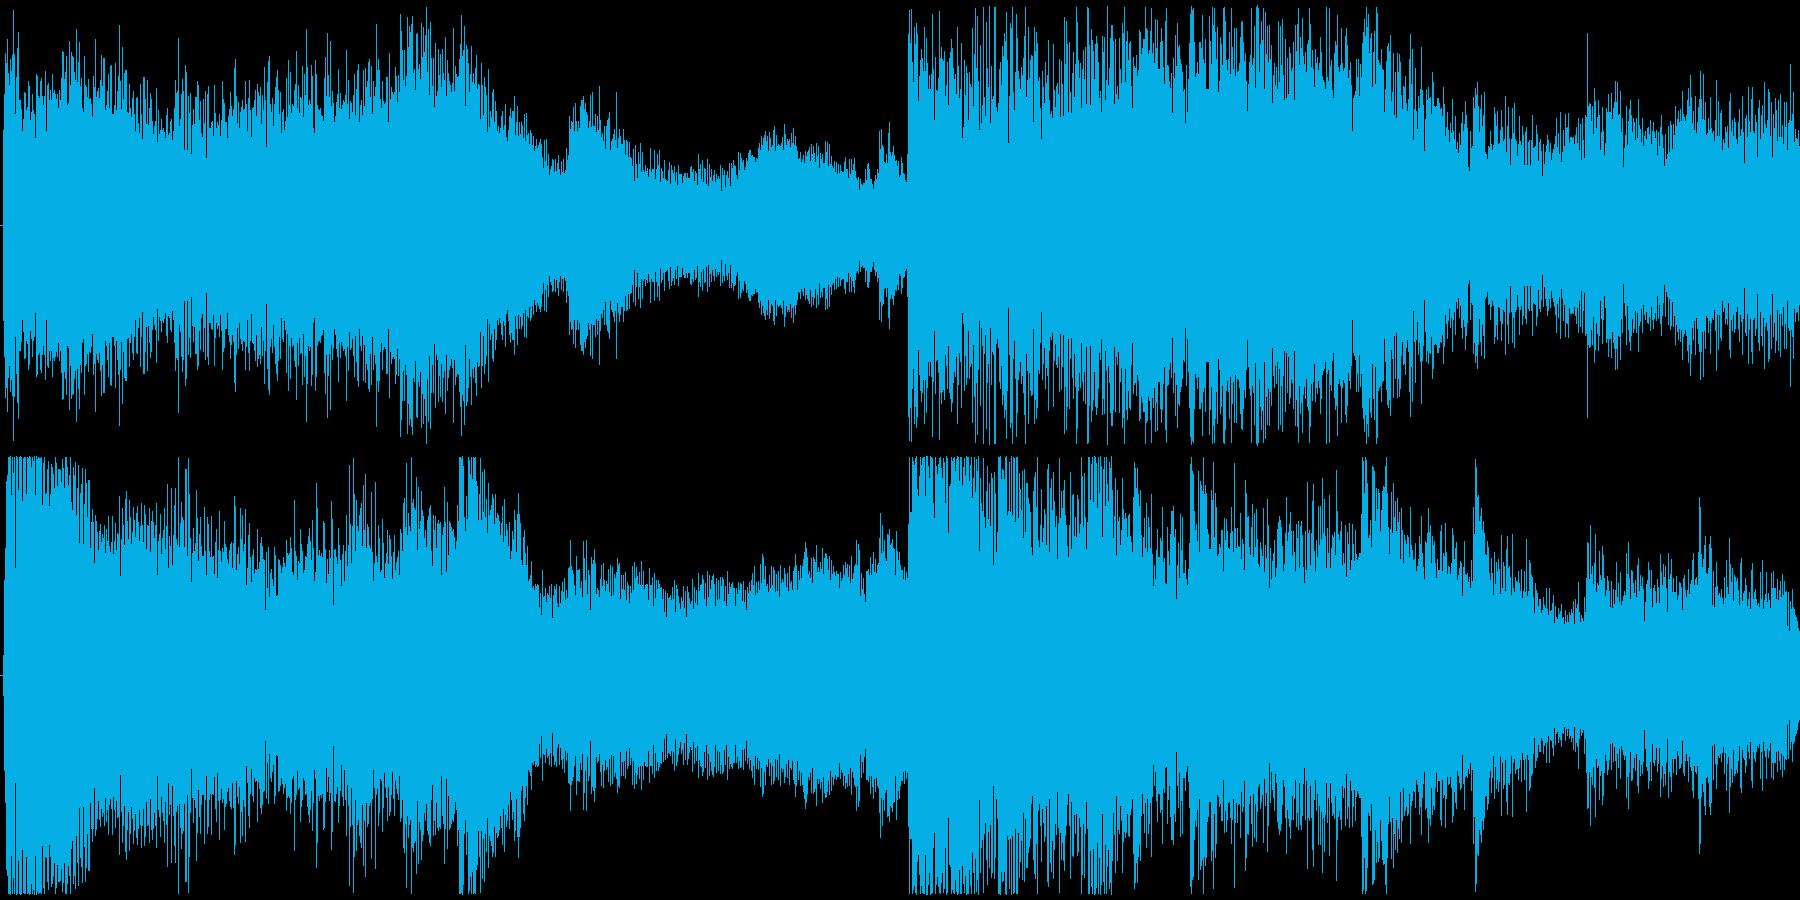 【ゲーム/SE/宿/ファンタジー】の再生済みの波形